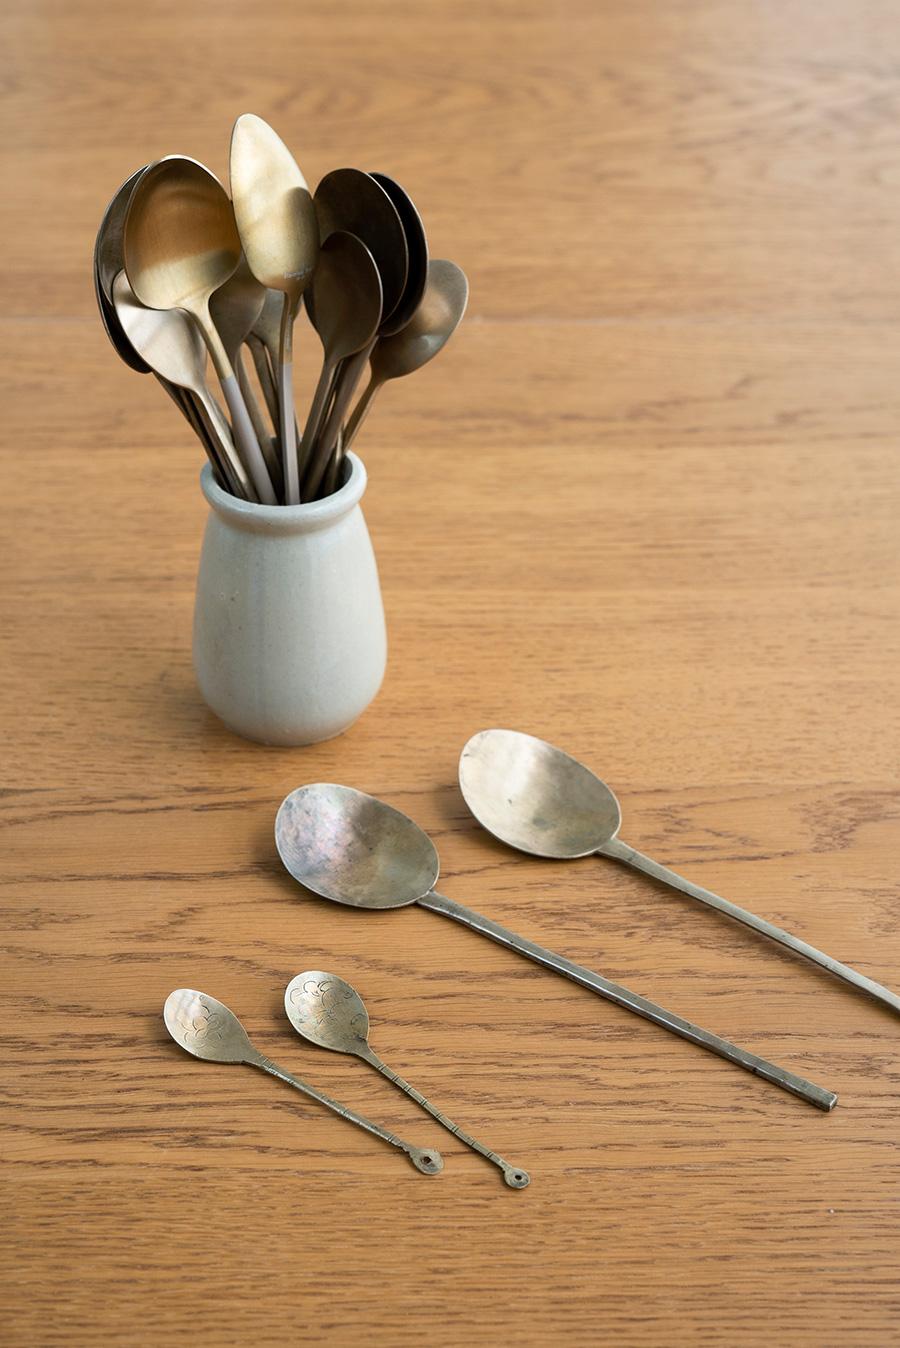 韓国のお匙スッカラは、中国のヨーグルトの器に入れていつもキッチン台の上に。平たいのでビビンバなど混ぜるときにも使いやすい。手前は真鍮のアンティーク。